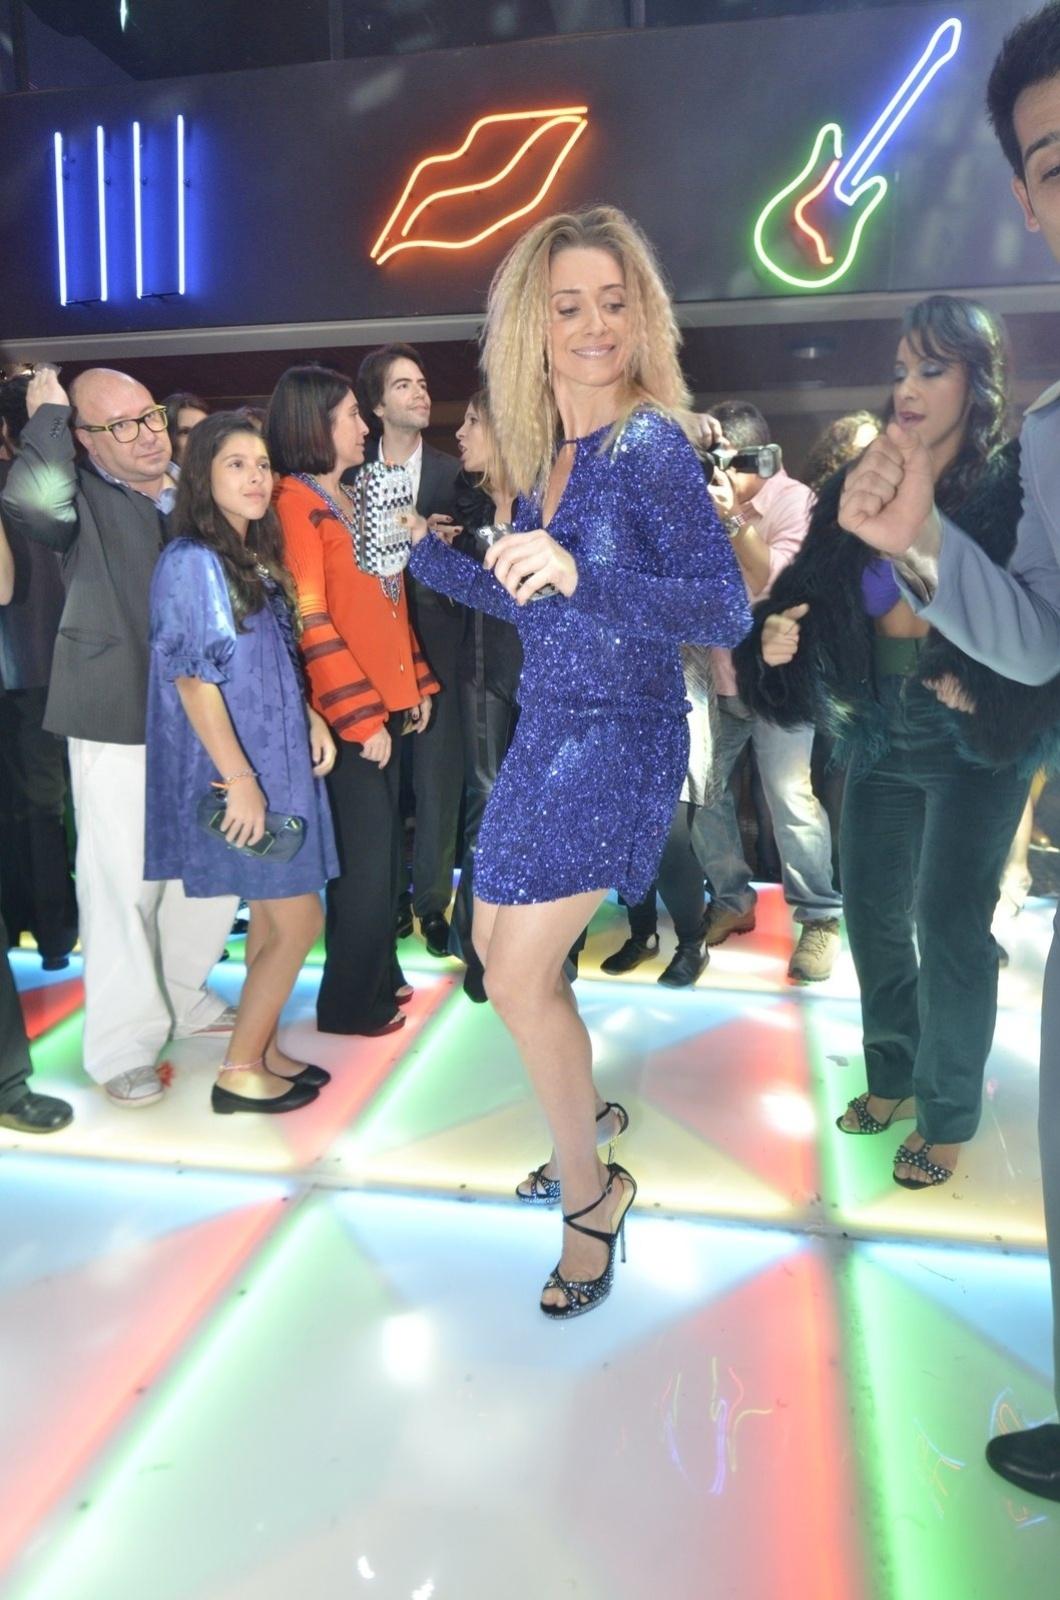 2.ago.2014 - Letícia Spiller dança ao som de música dos anos 70 na festa da novela